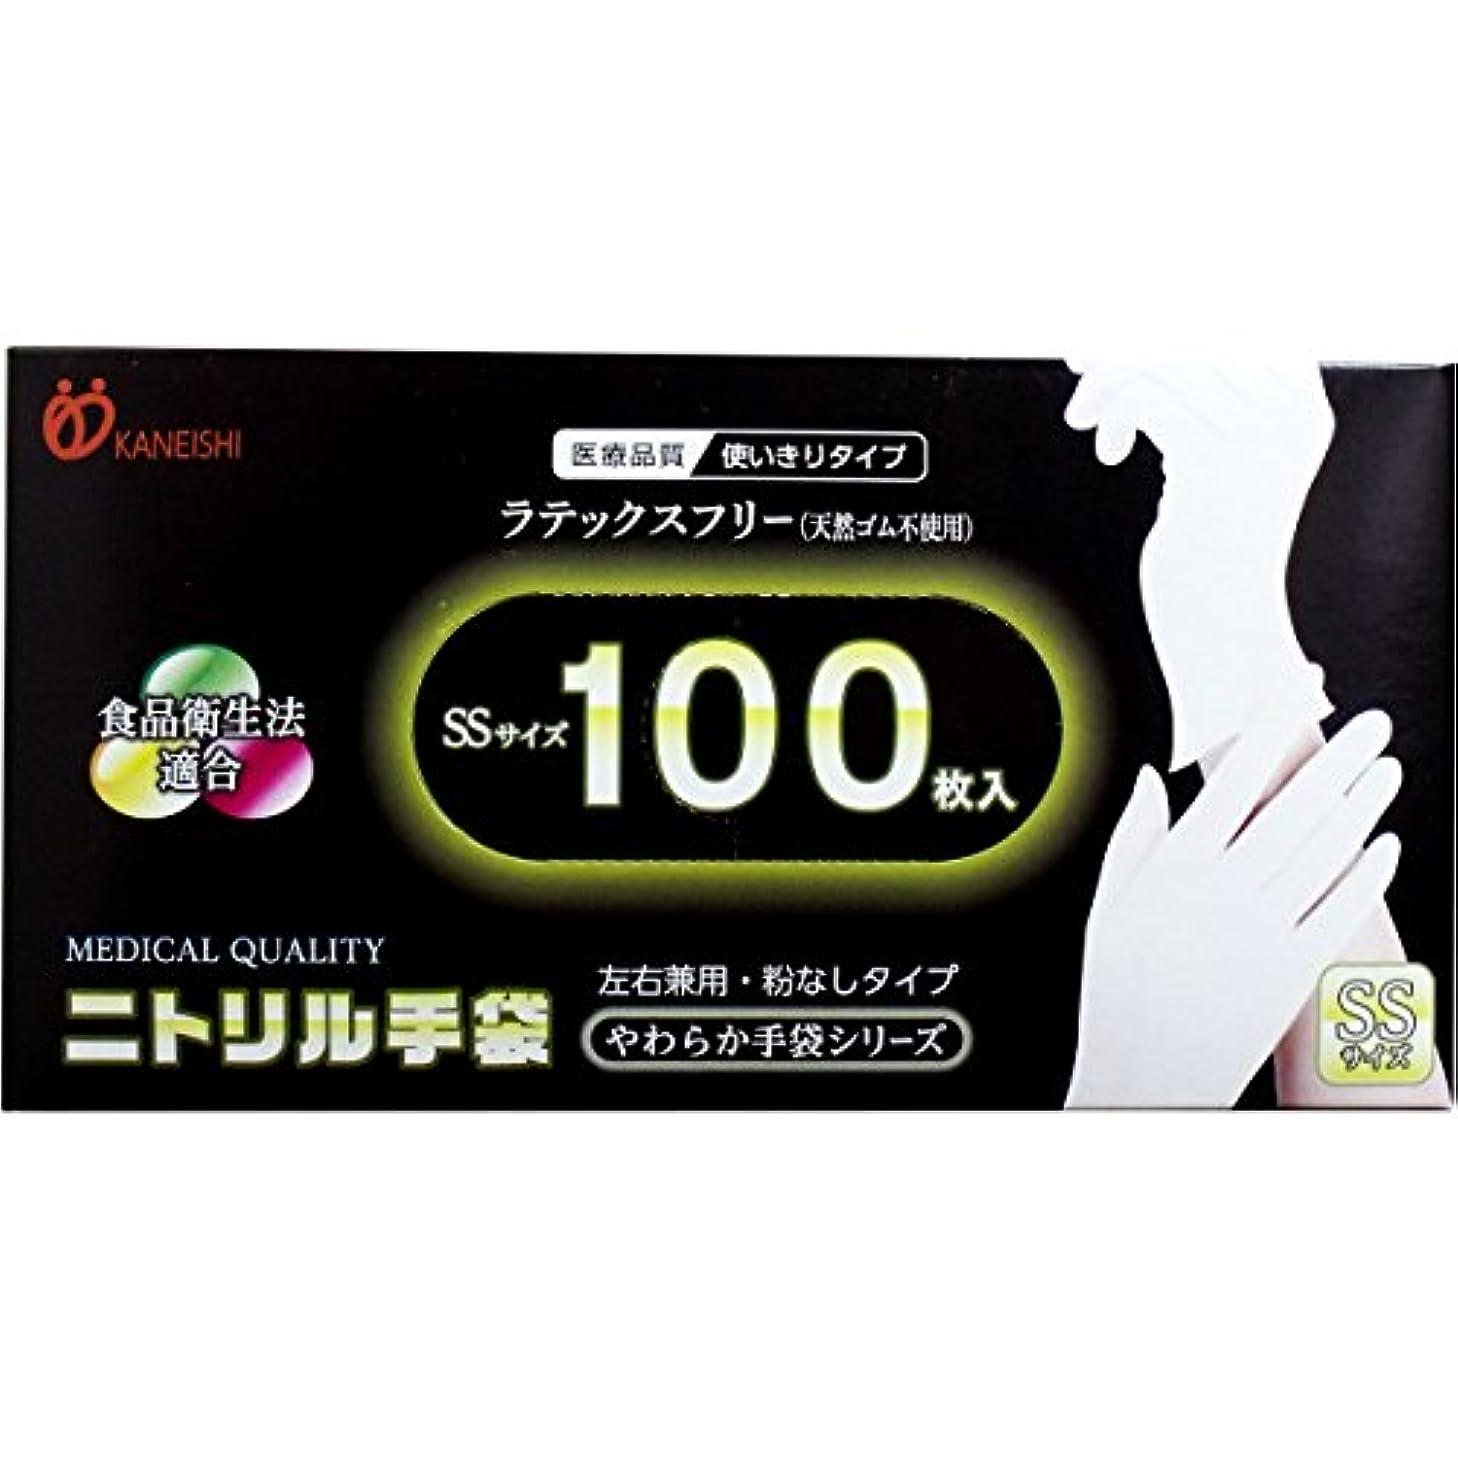 愛するインチアジャ[12月23日まで特価]やわらかニトリル手袋 パウダーフリー 100枚入 SSサイズ (単品)